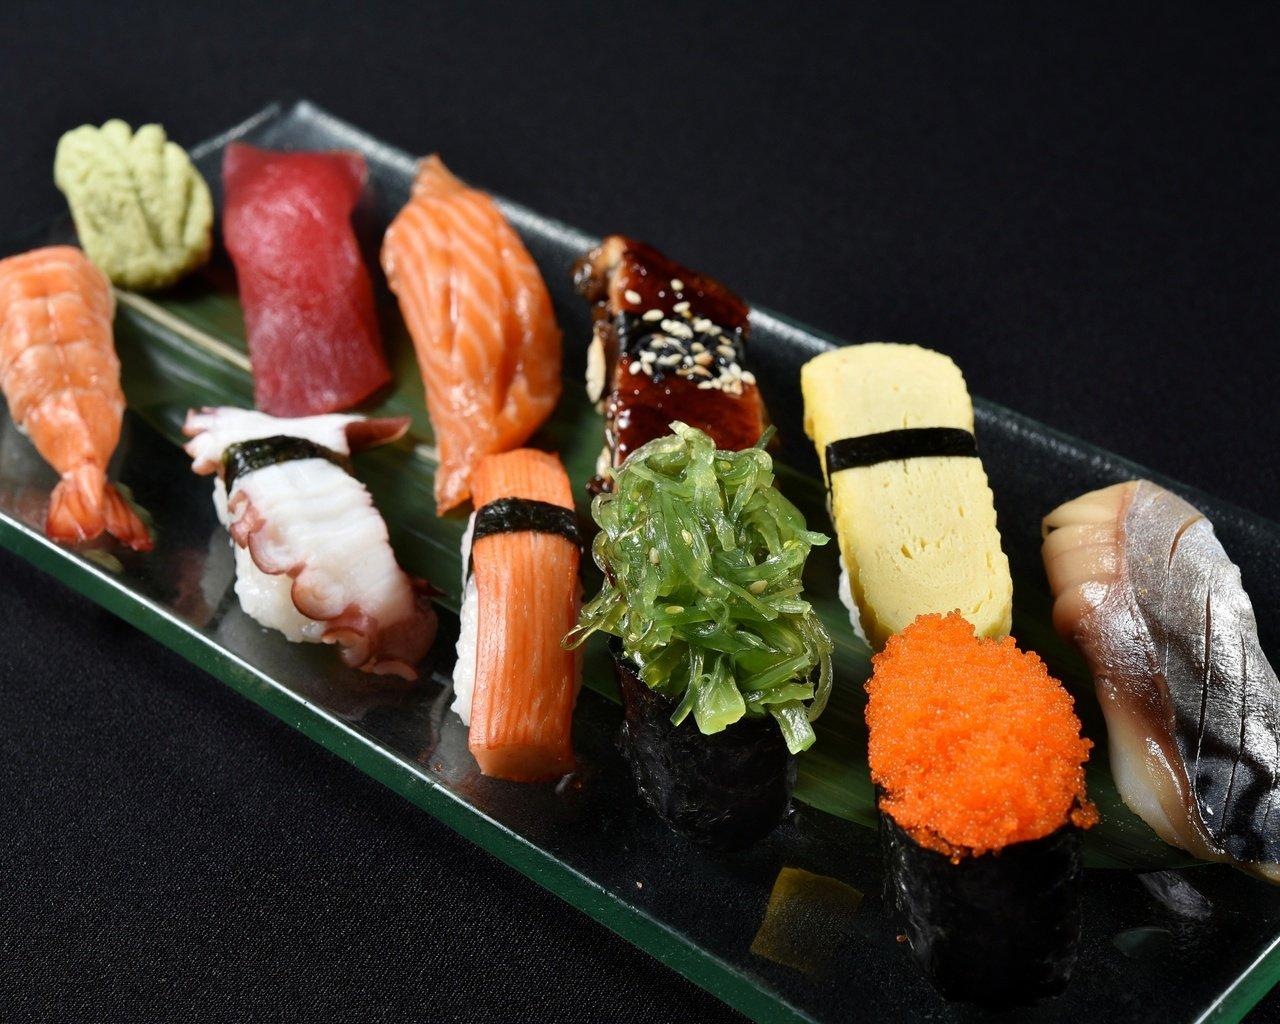 Скачать обои рыба, японская еда, суши, роллы, морепродукты разрешение 1280x1024 #98272